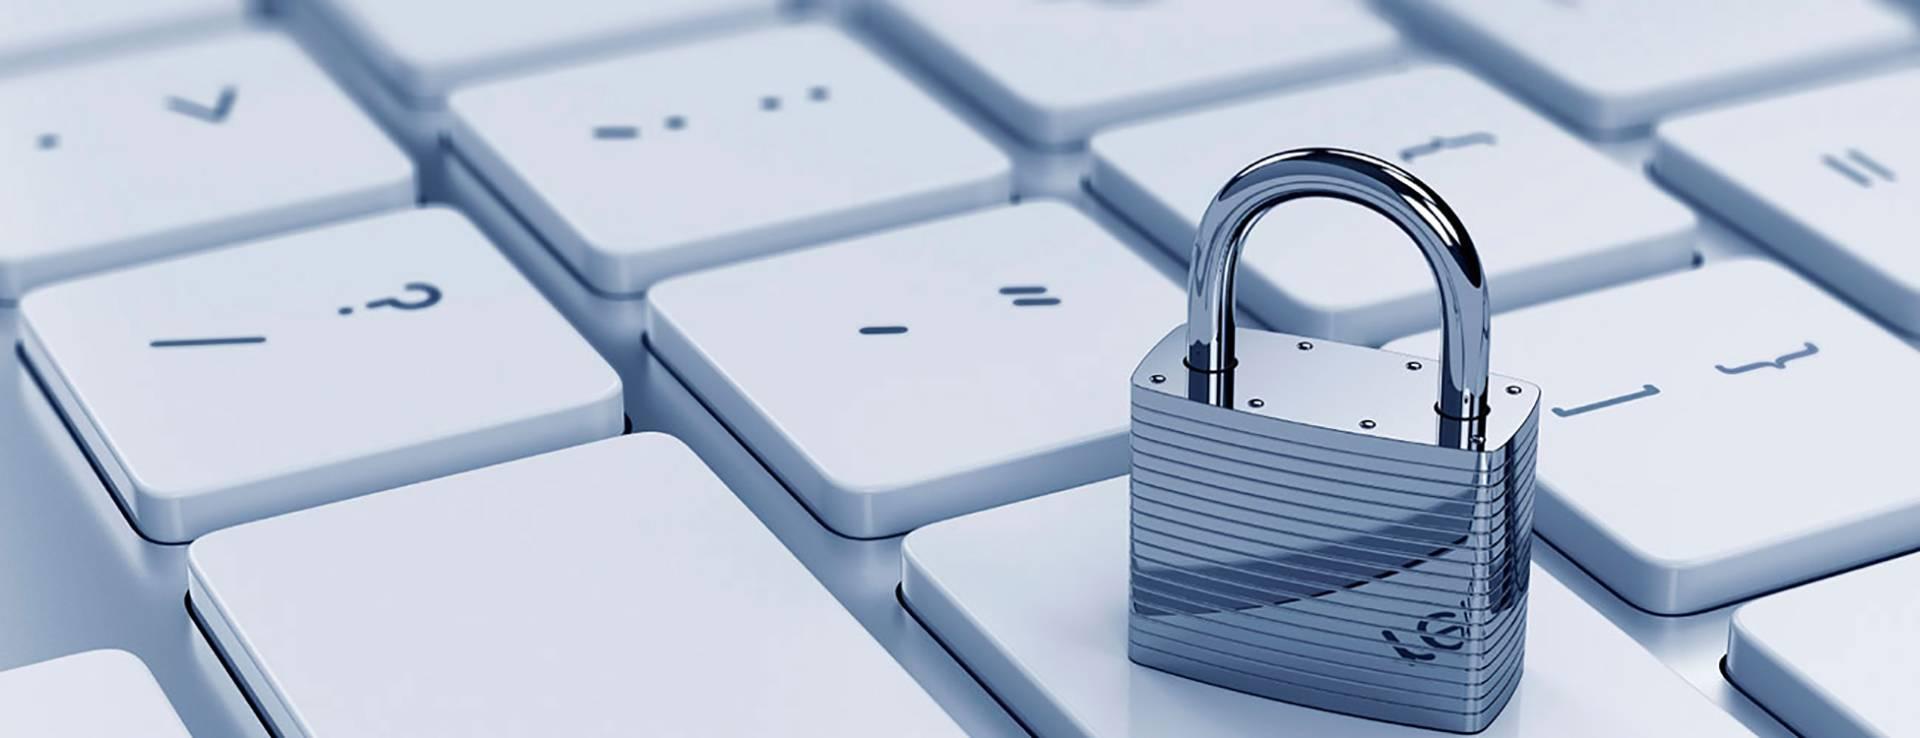 Шаблон политики конфиденциальности 2018 для форм обратной связи